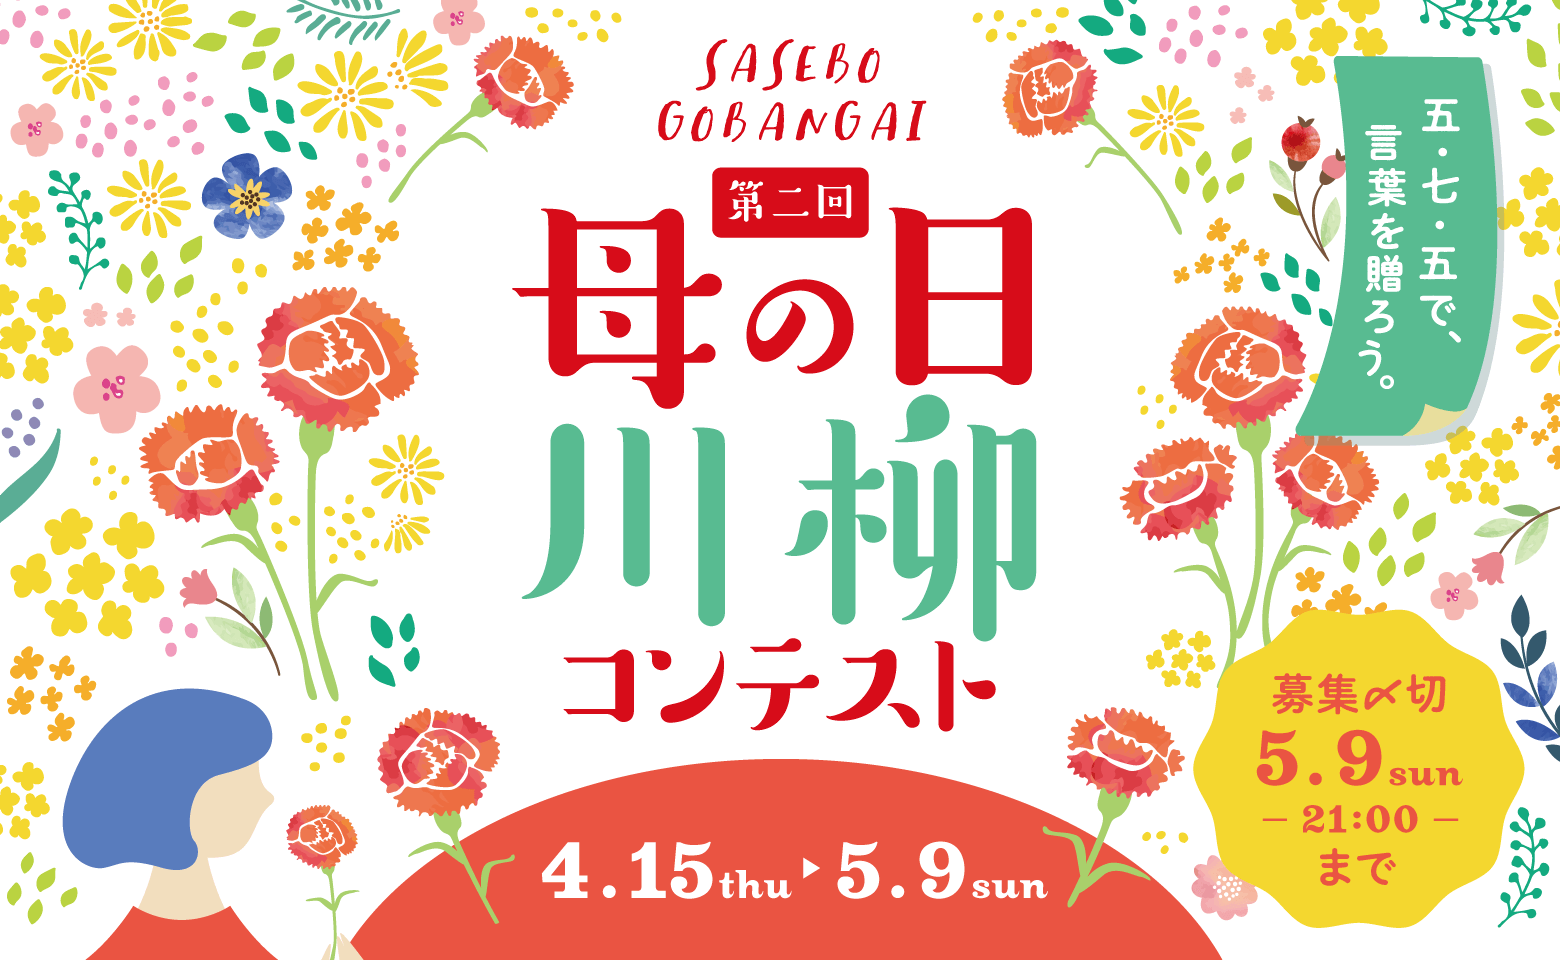 2021-04-momday-senryu-contest